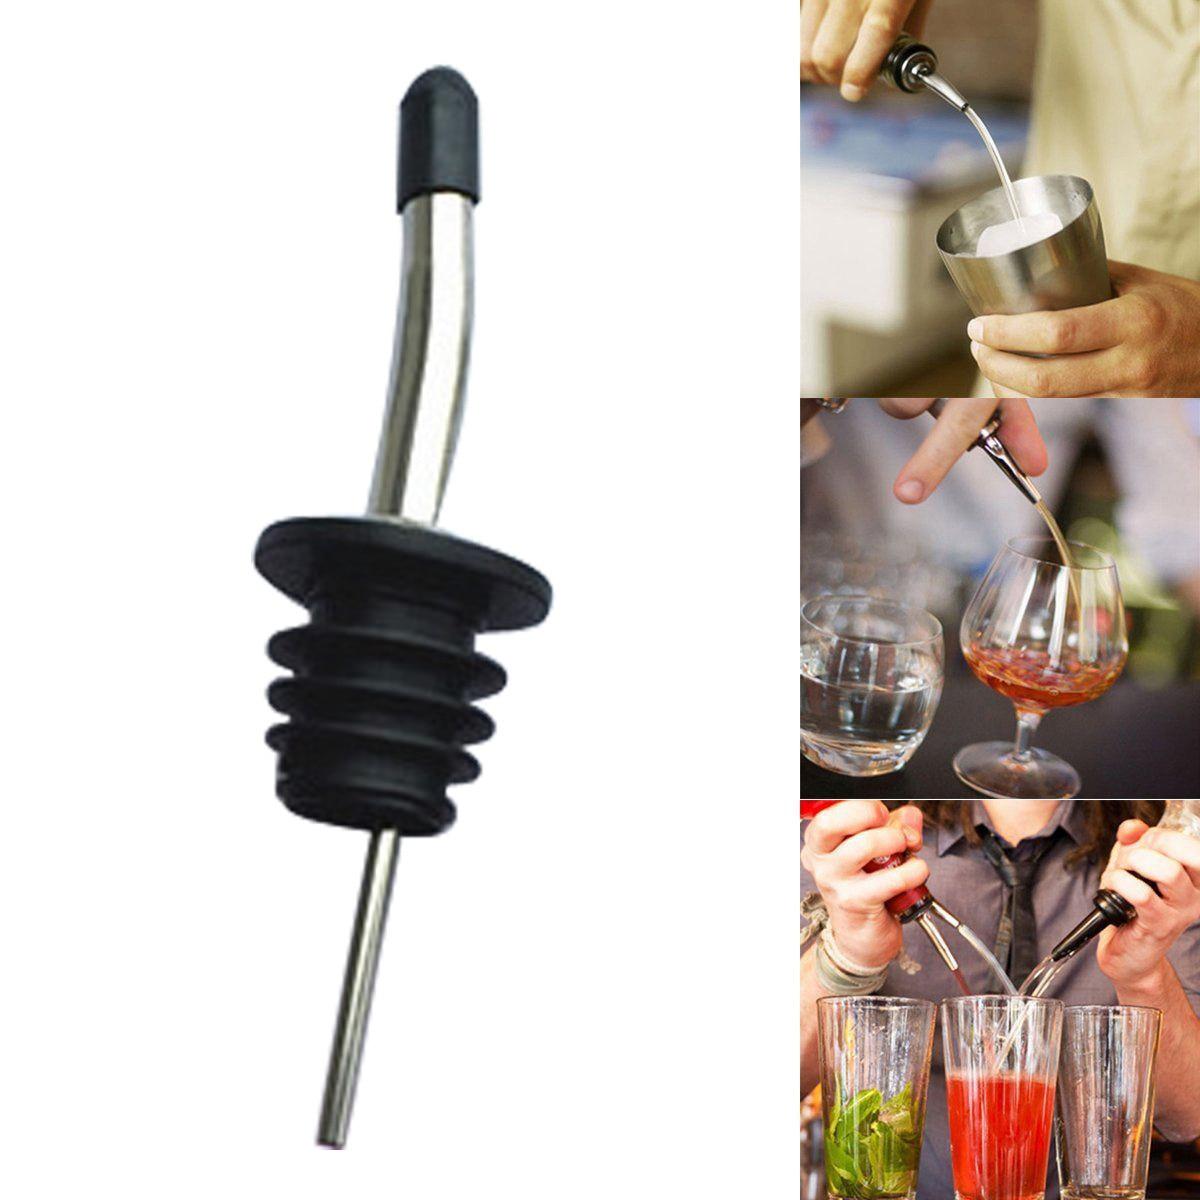 2018 Stainless Steel Pourer Liquor Spirit Pourer Flow Wine Bottle Pour Spout Stopper Cap Suitable For Standard Wine Bottle Necks